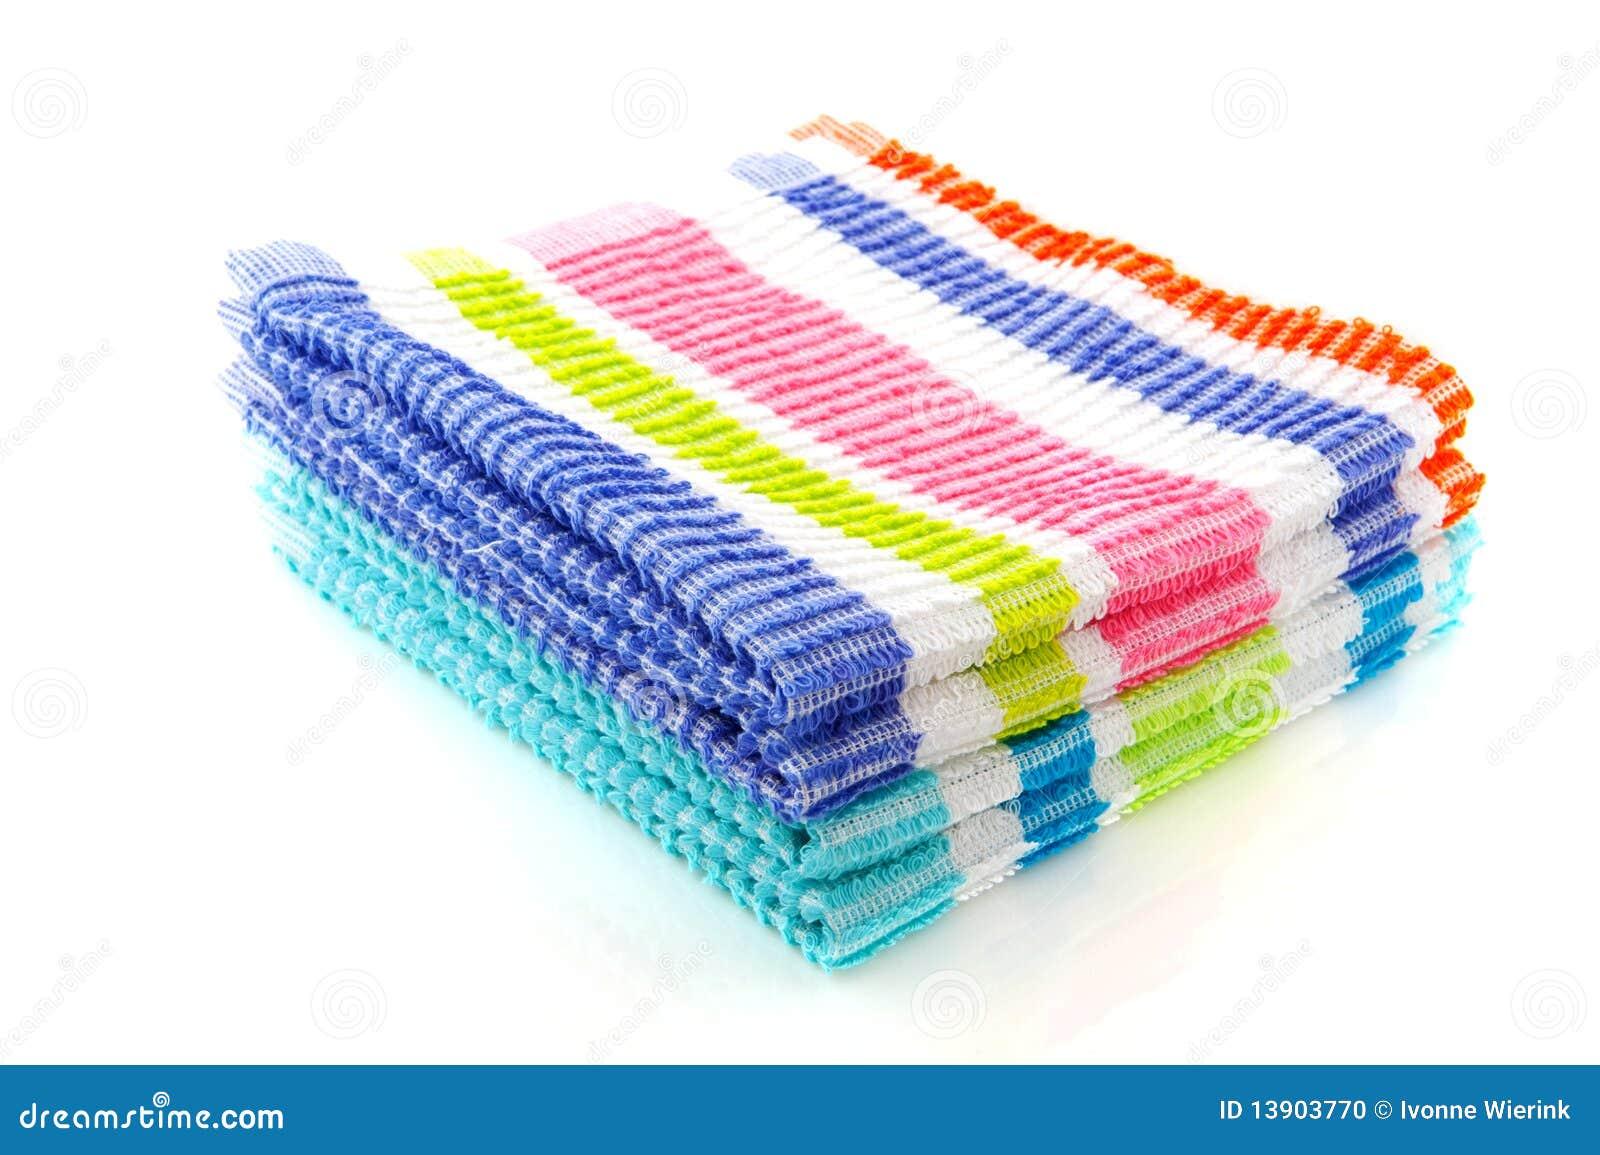 Trapos de limpieza foto de archivo imagen 13903770 - Trapos para limpiar ...